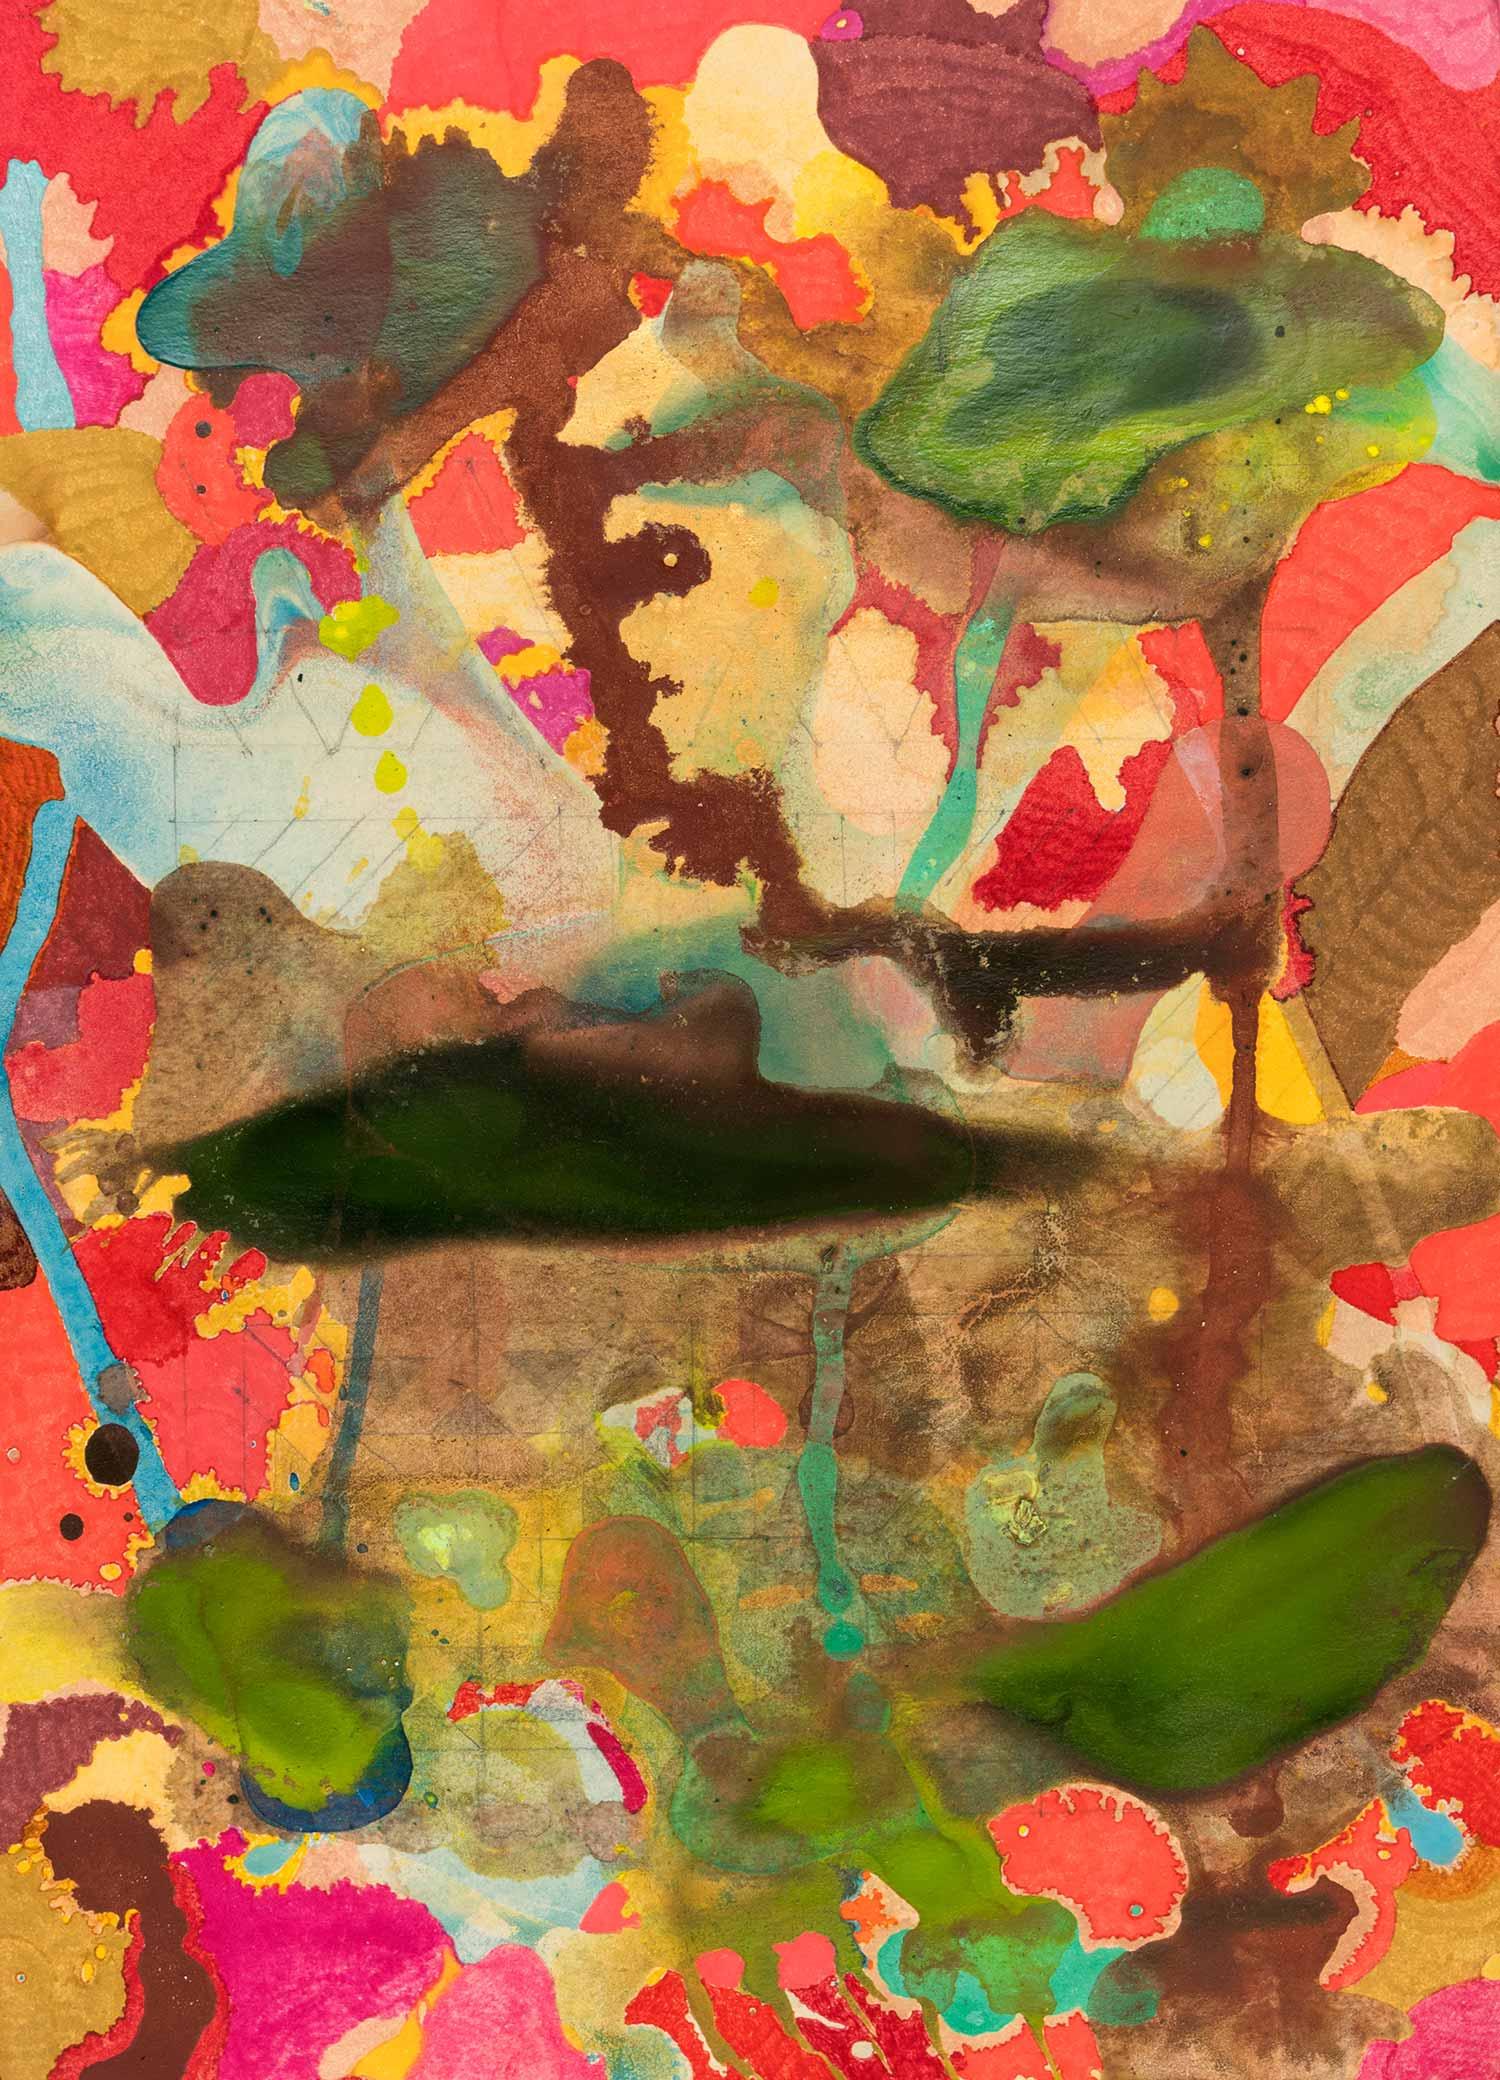 <b>Delicatessen IV</b><br> Técnica mixta sobre papel Canson Añejo<br> 34 x 24,5 cm